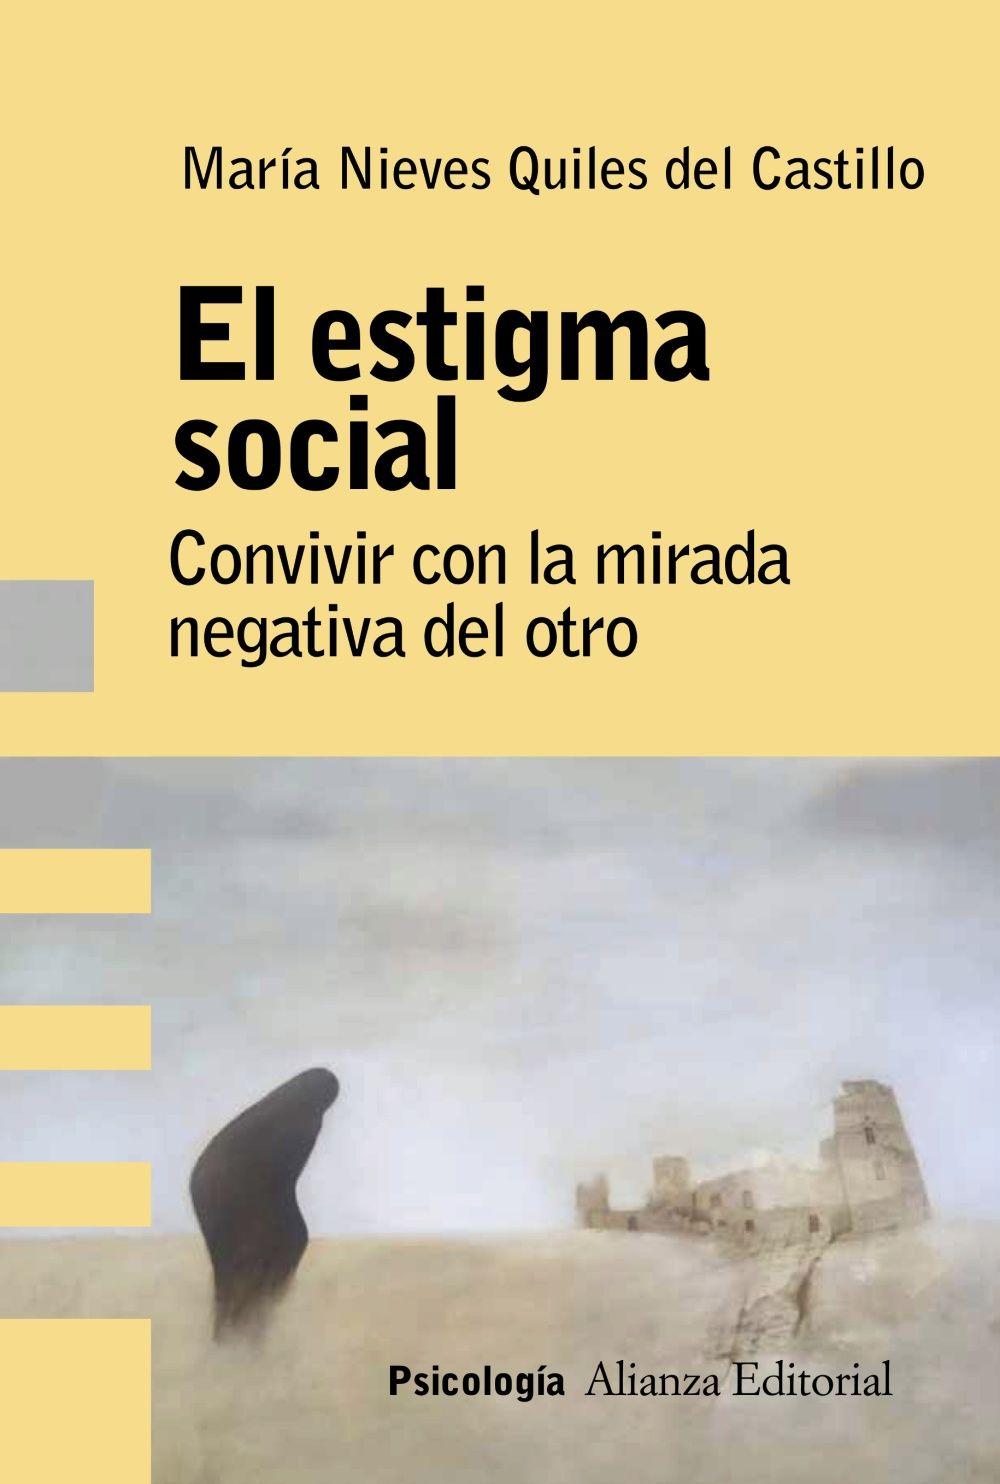 ESTIGMA SOCIAL